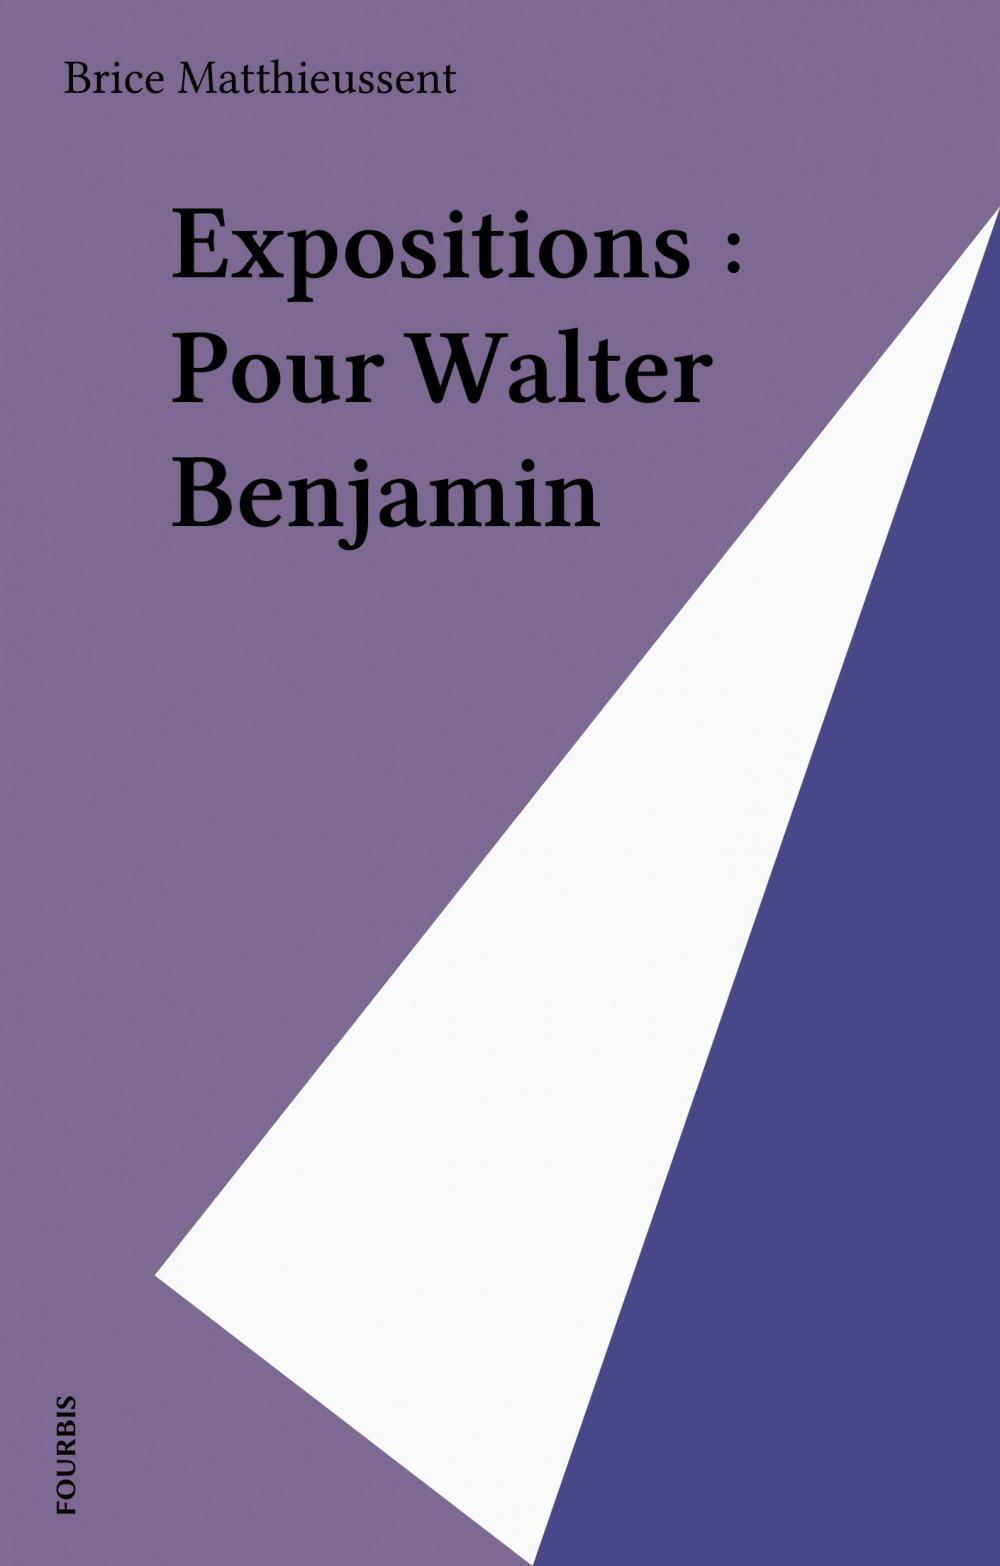 Expositions,pour walter benjamin